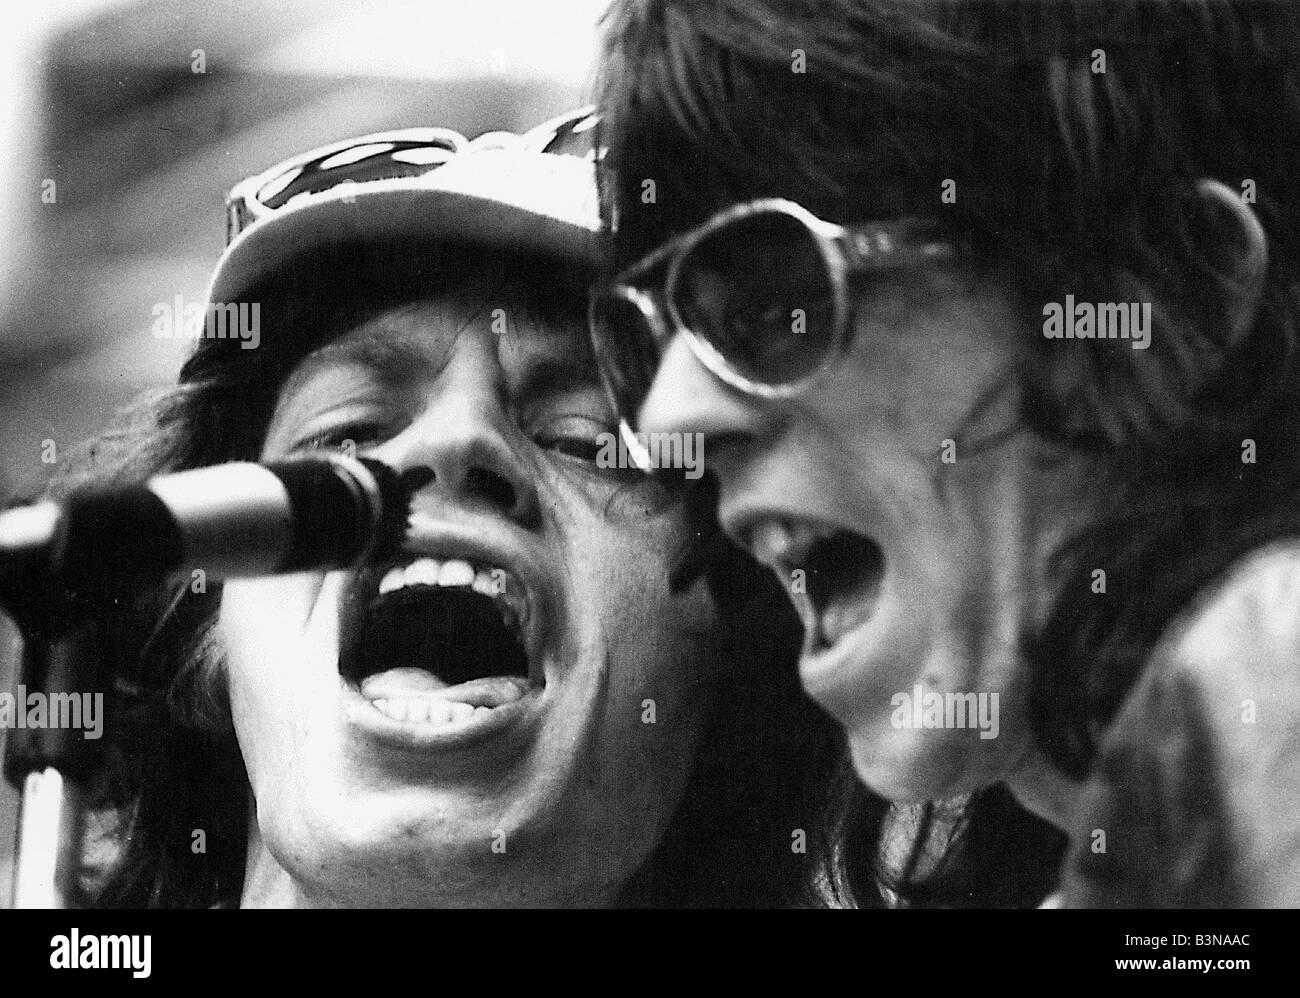 ROLLING STONES Mick Jagger y Keith Richards aproximadamente 1980 Imagen De Stock